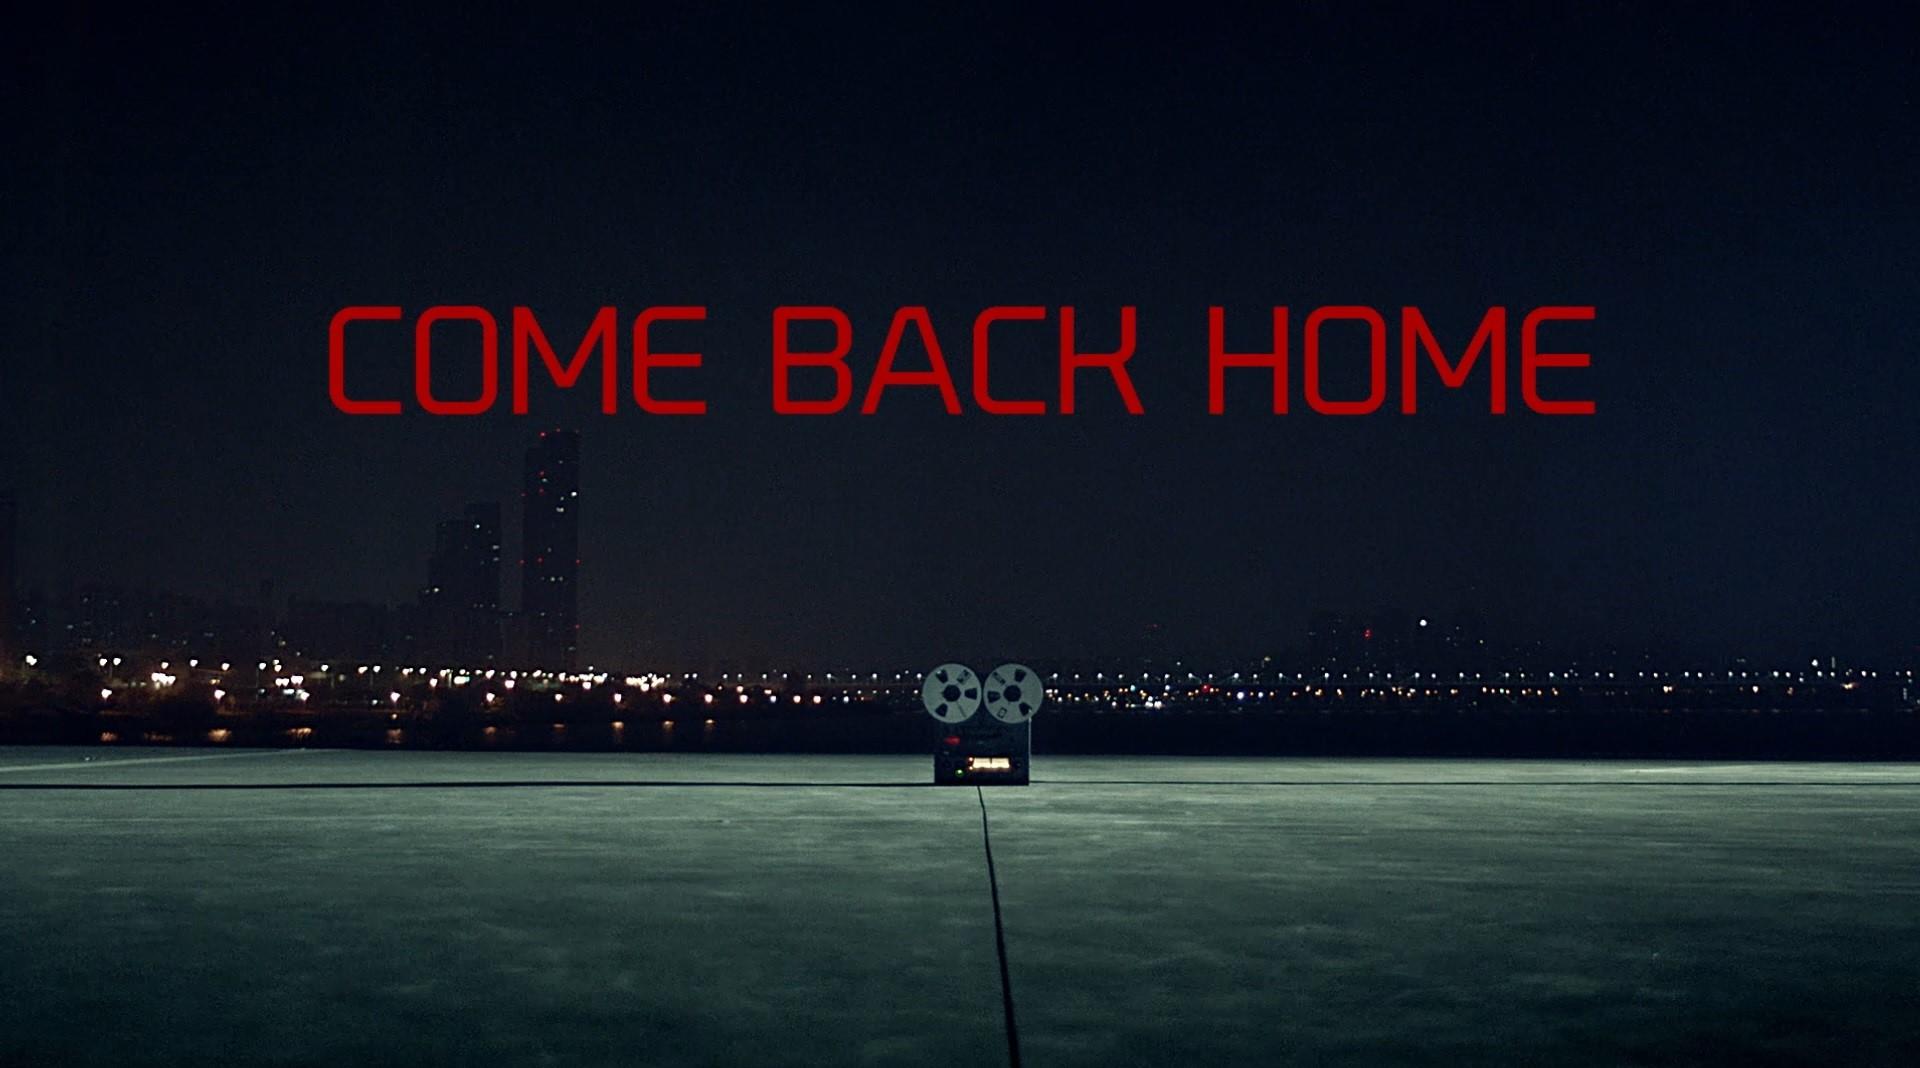 BTS (방탄소년단) - Come Back Home M/V